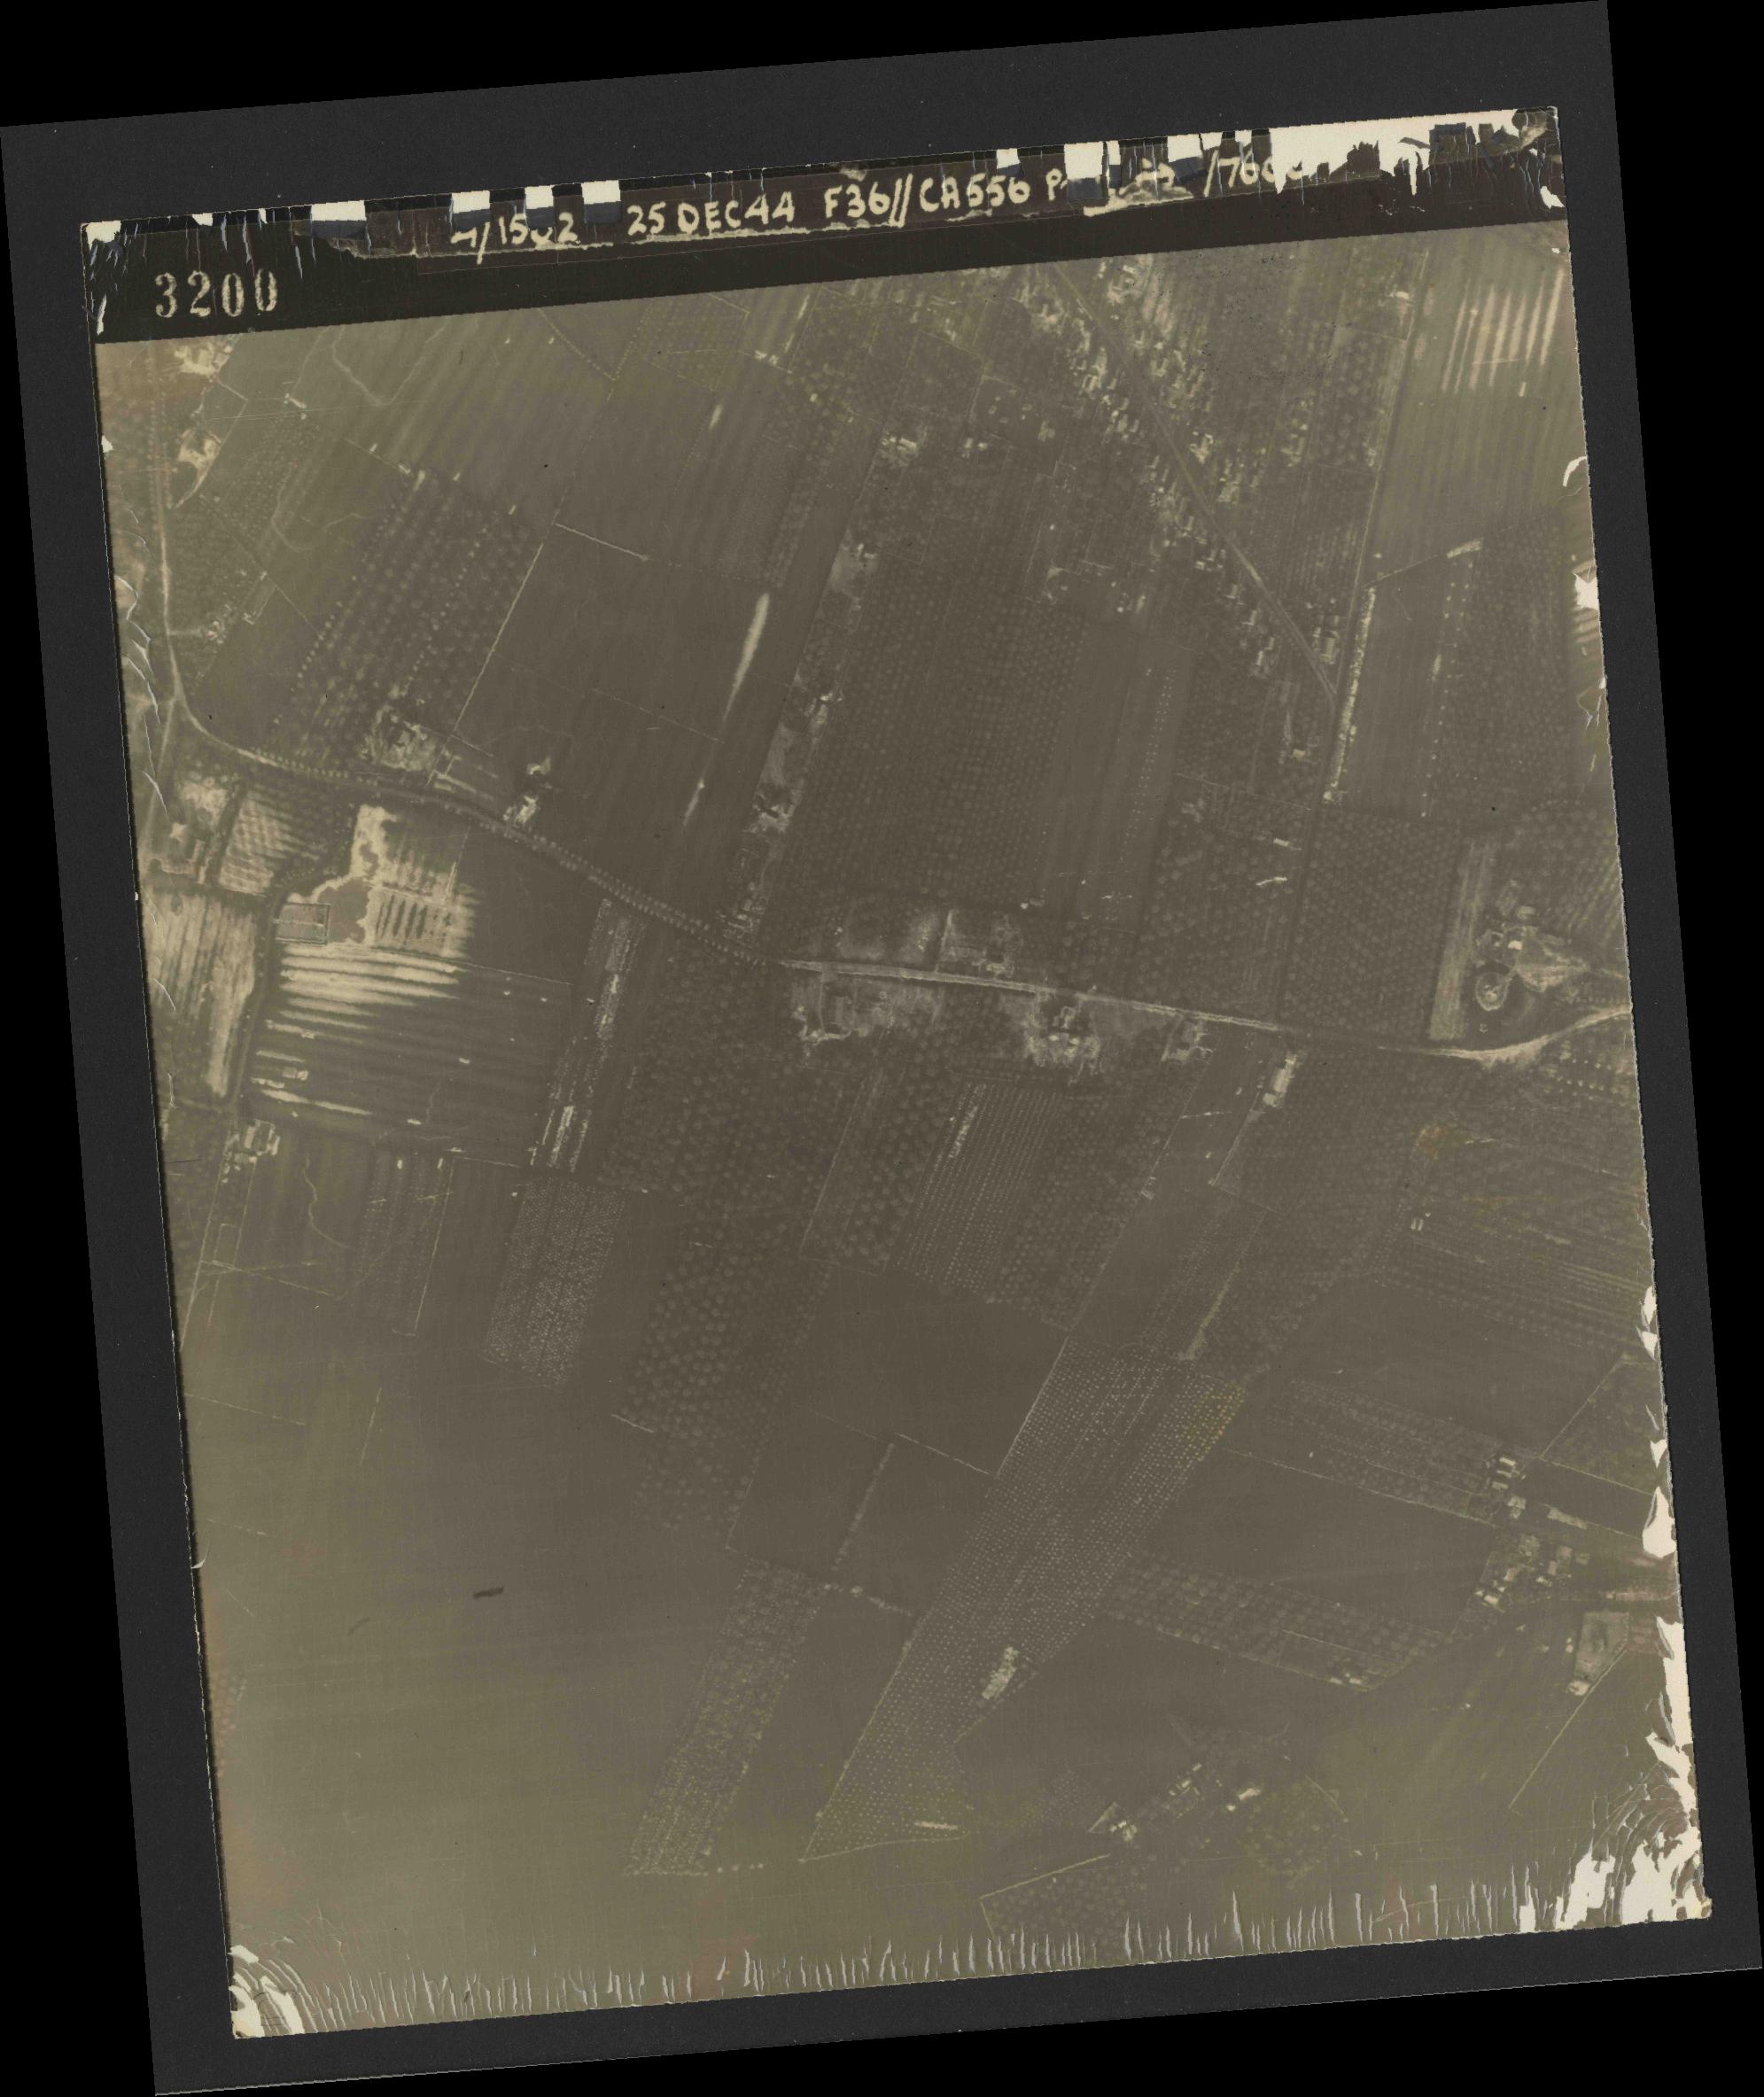 Collection RAF aerial photos 1940-1945 - flight 306, run 06, photo 3200